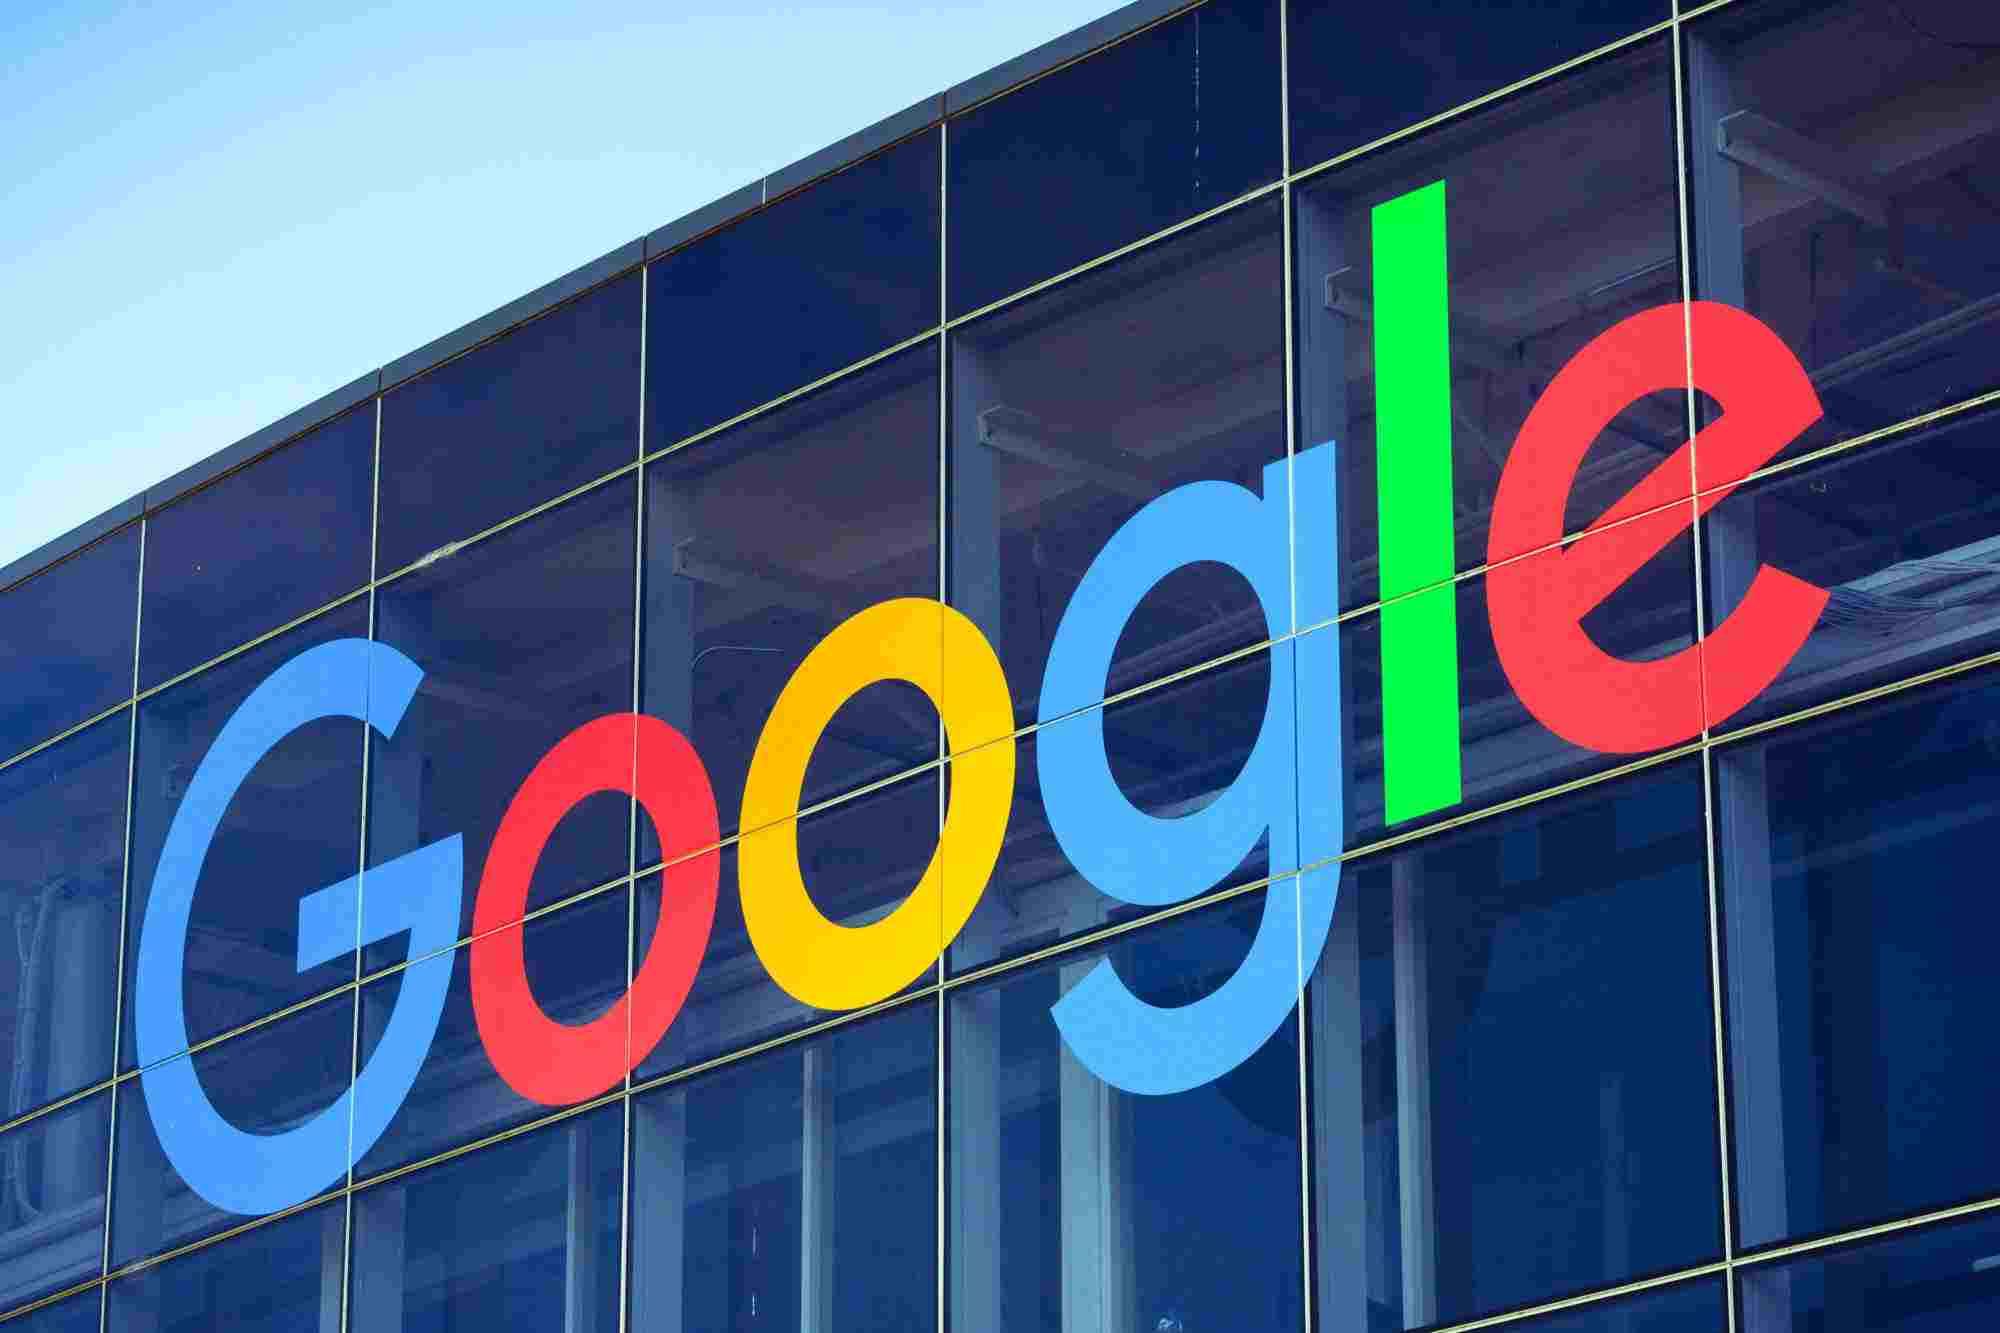 Google has announced more than 10,000 jobs